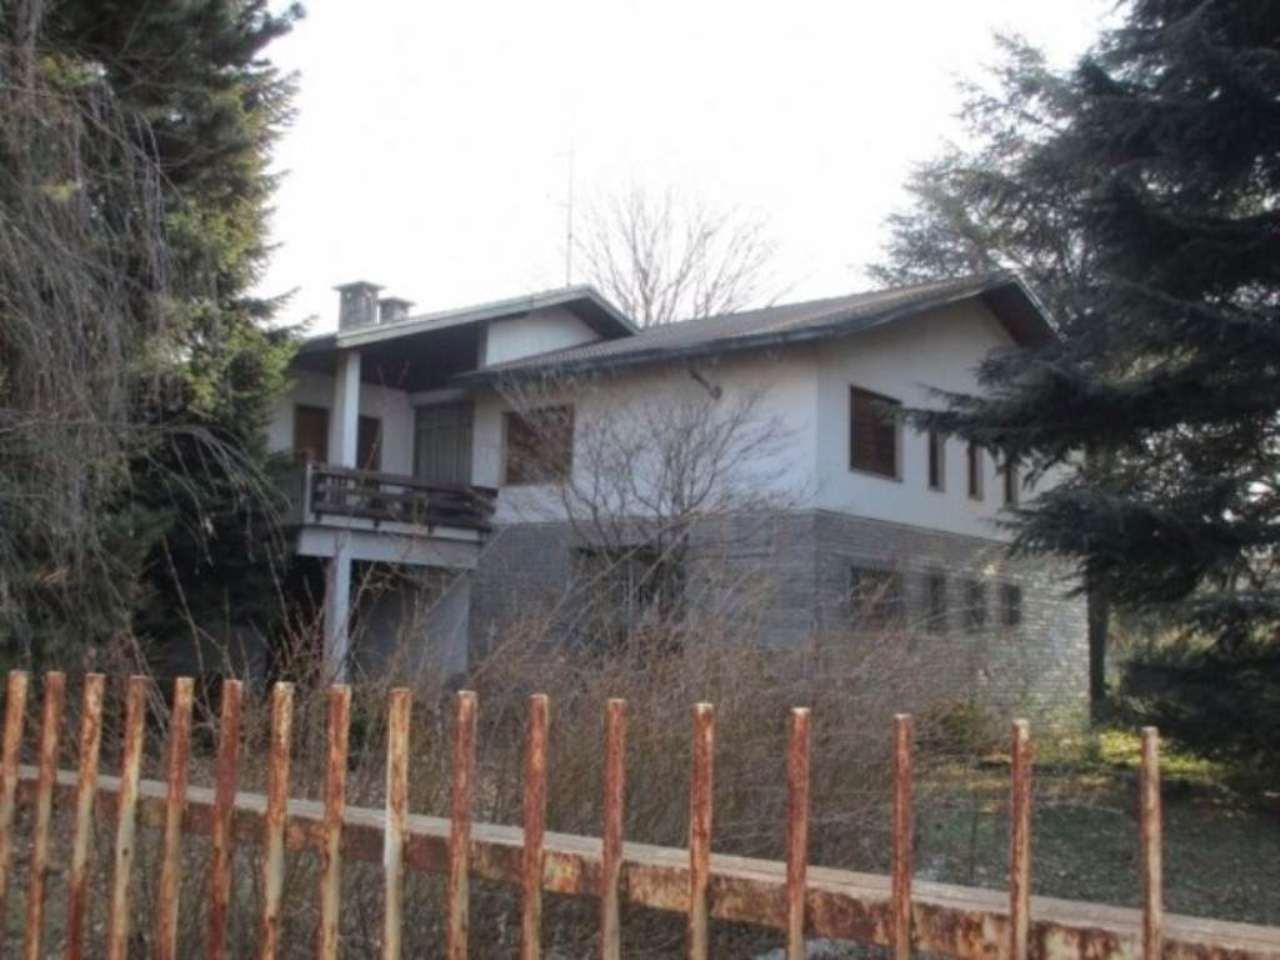 Villa in vendita a Cassano Magnago, 6 locali, prezzo € 320.000 | Cambio Casa.it